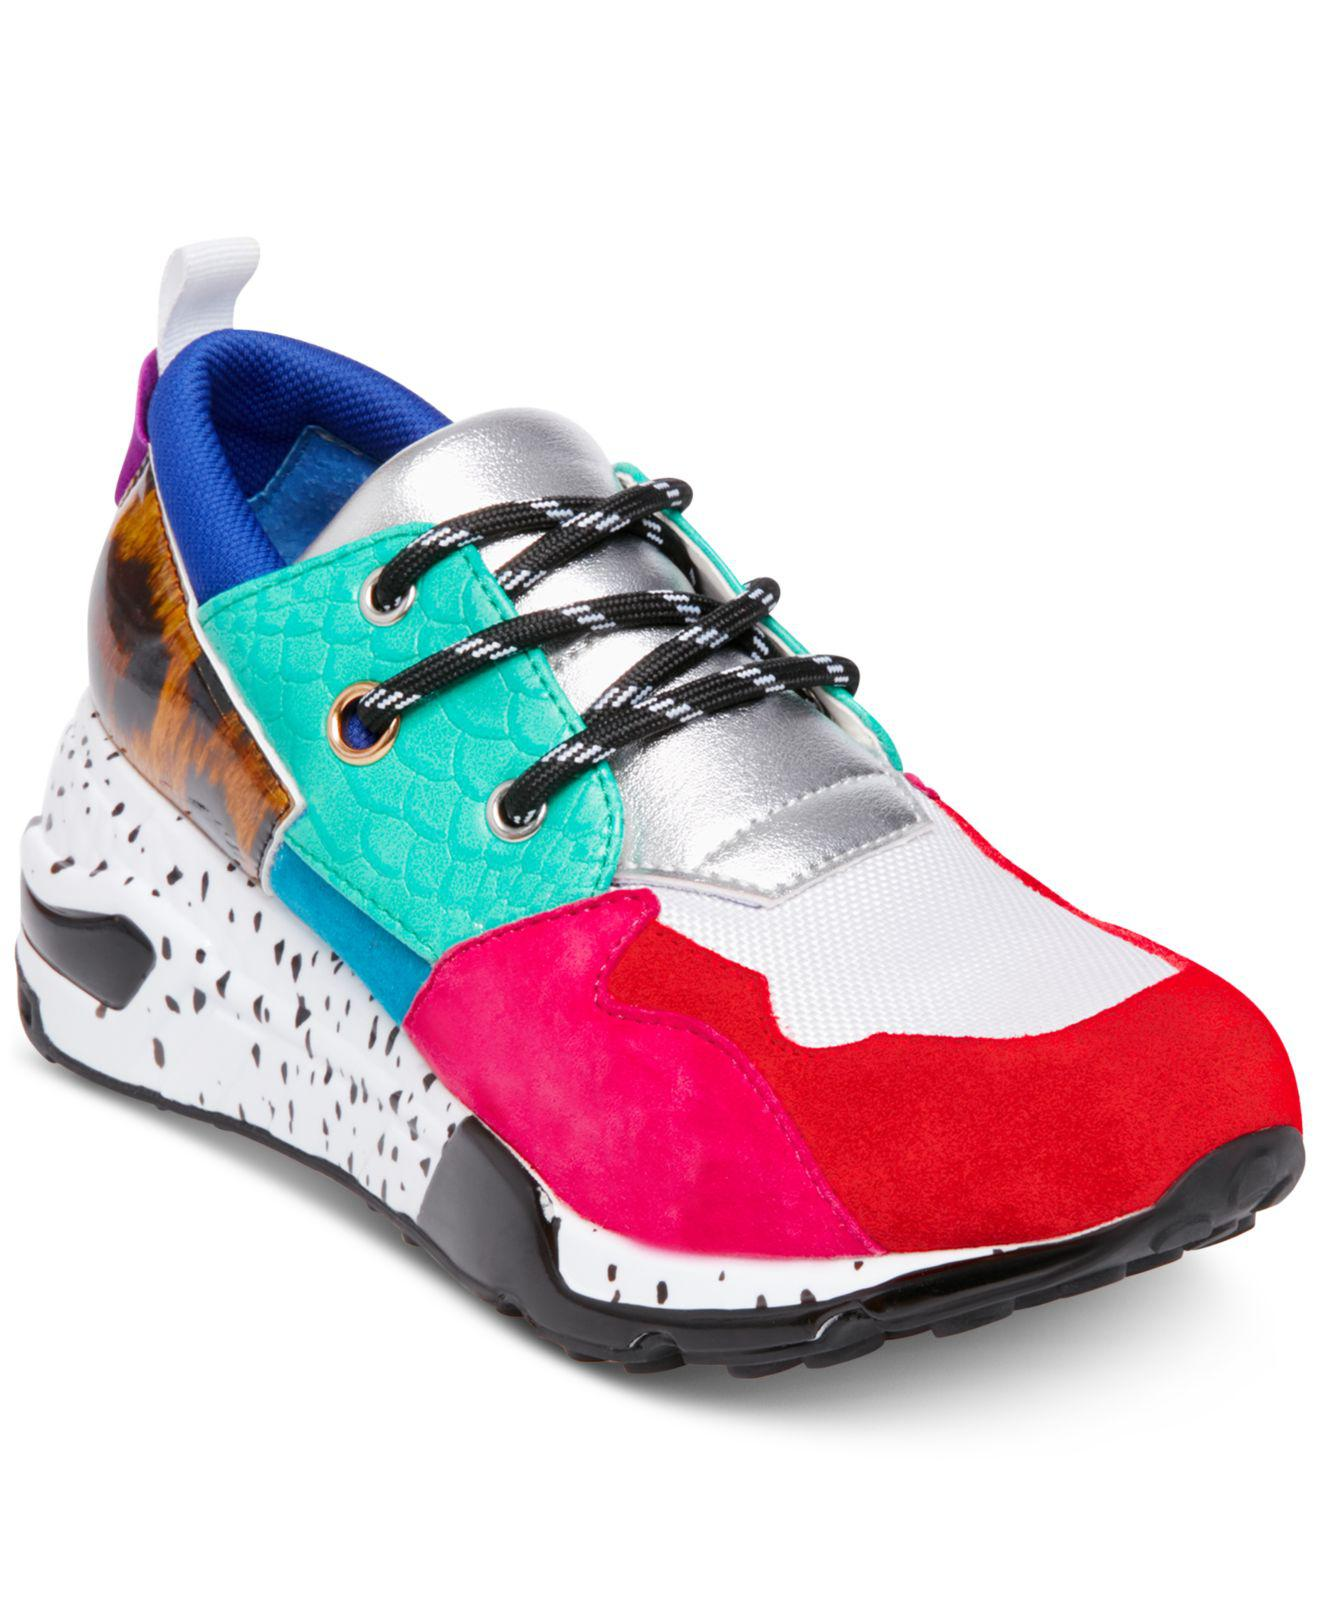 7e64955b551 Lyst steve madden cliff sneakers save jpg 1320x1616 Steve madden running  shoes